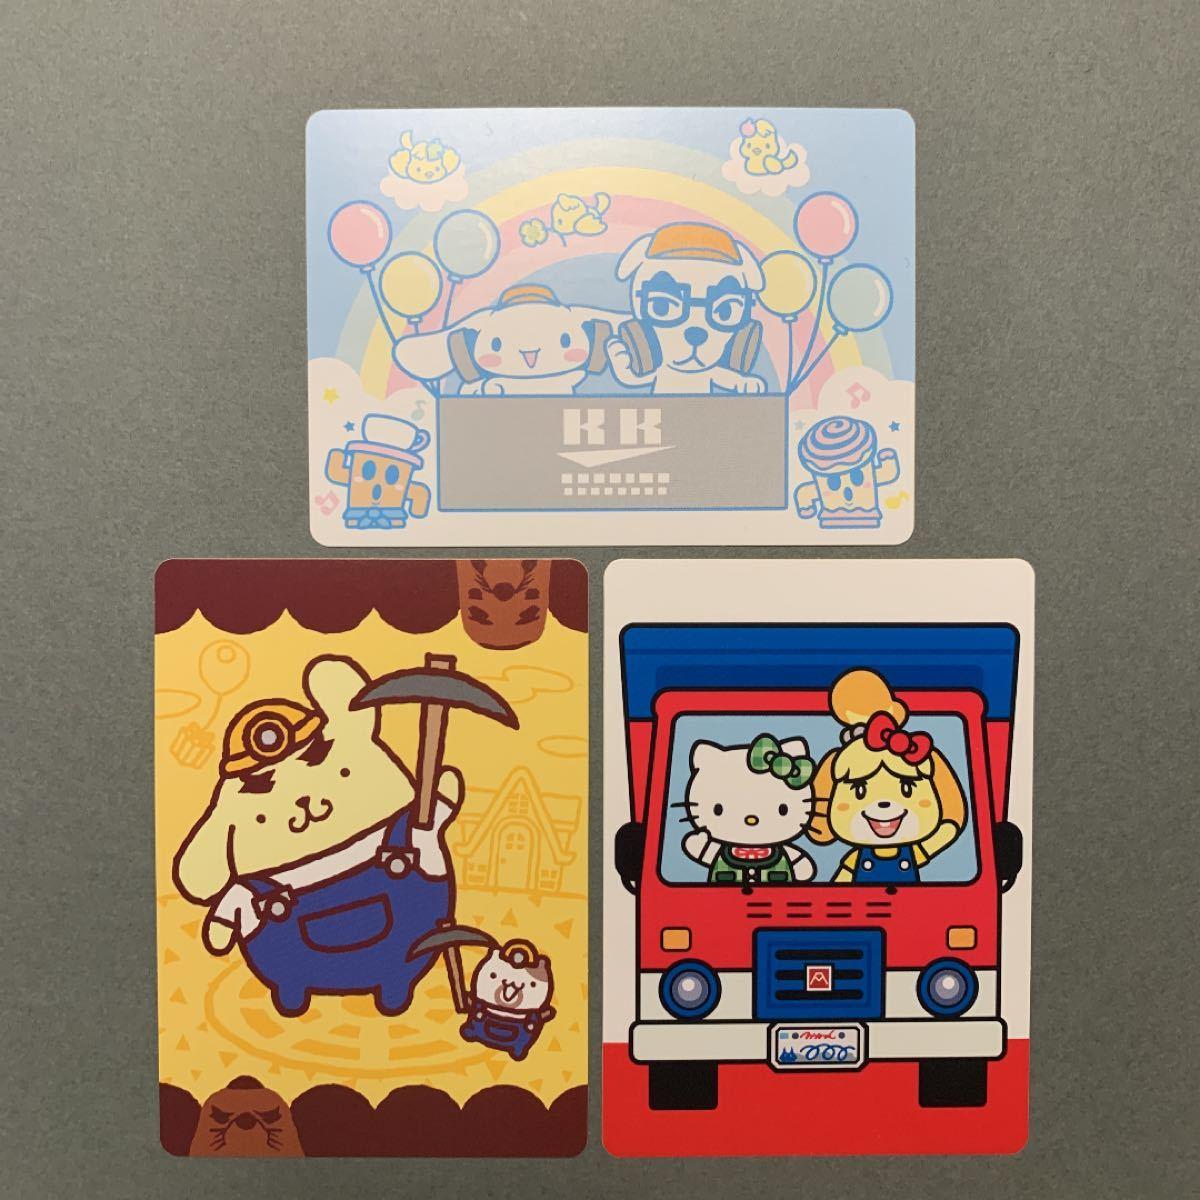 とびだせどうぶつの森 amiiboカード サンリオ【s6 トビー】+100円でシールも選べます!